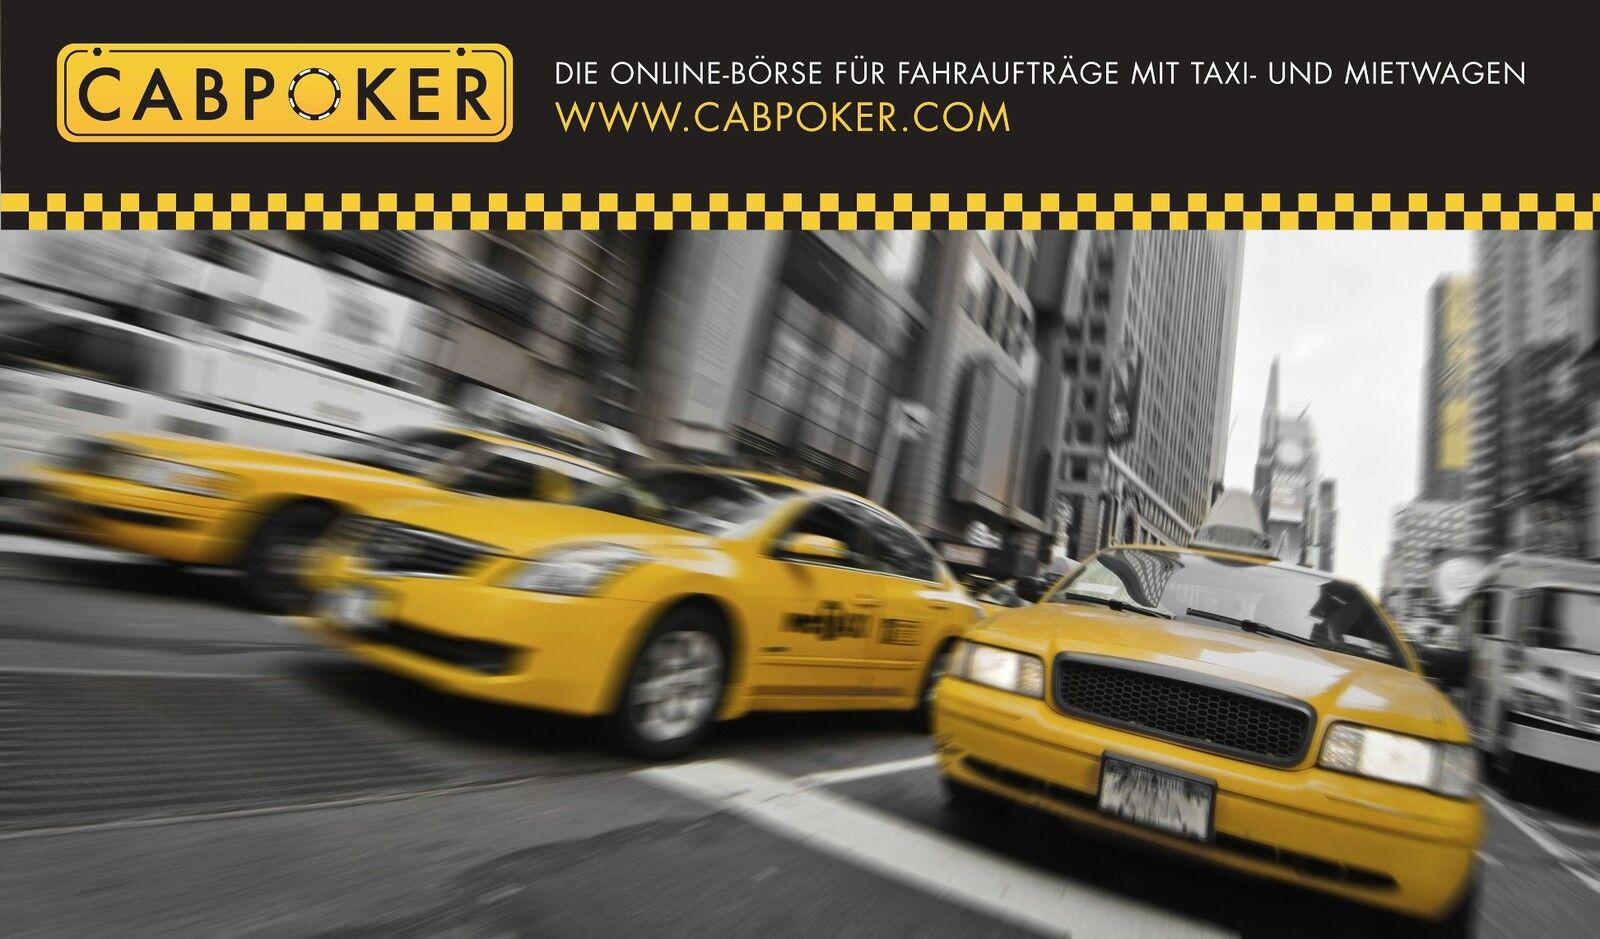 Cabpoker.com